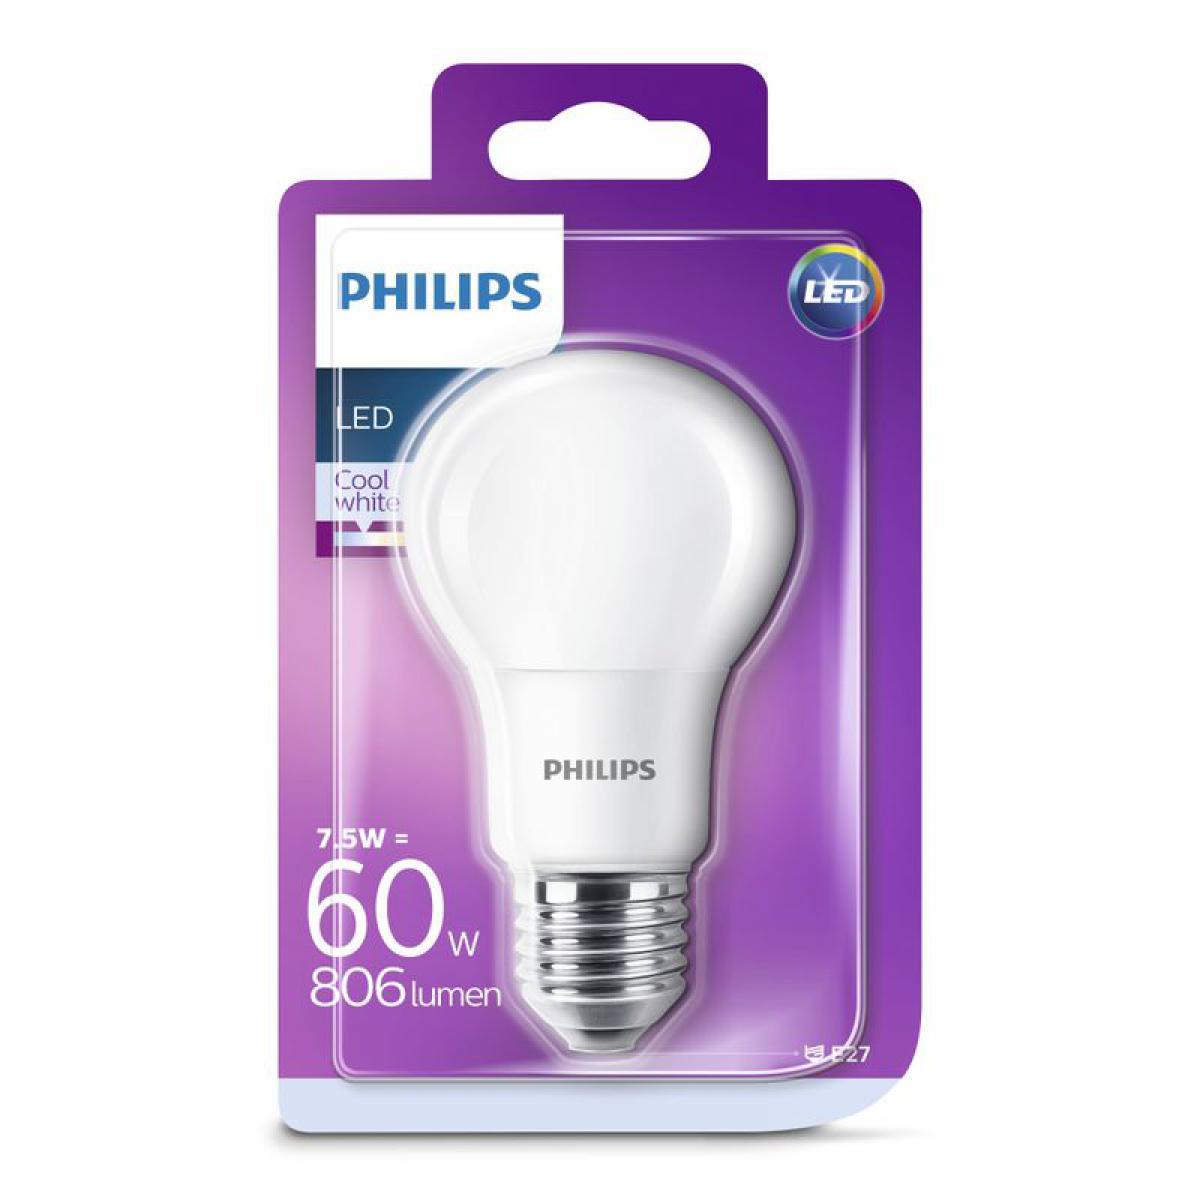 Philips Ampoule LED 7,5W équiv 60W 806 lm E27 Blanc froid